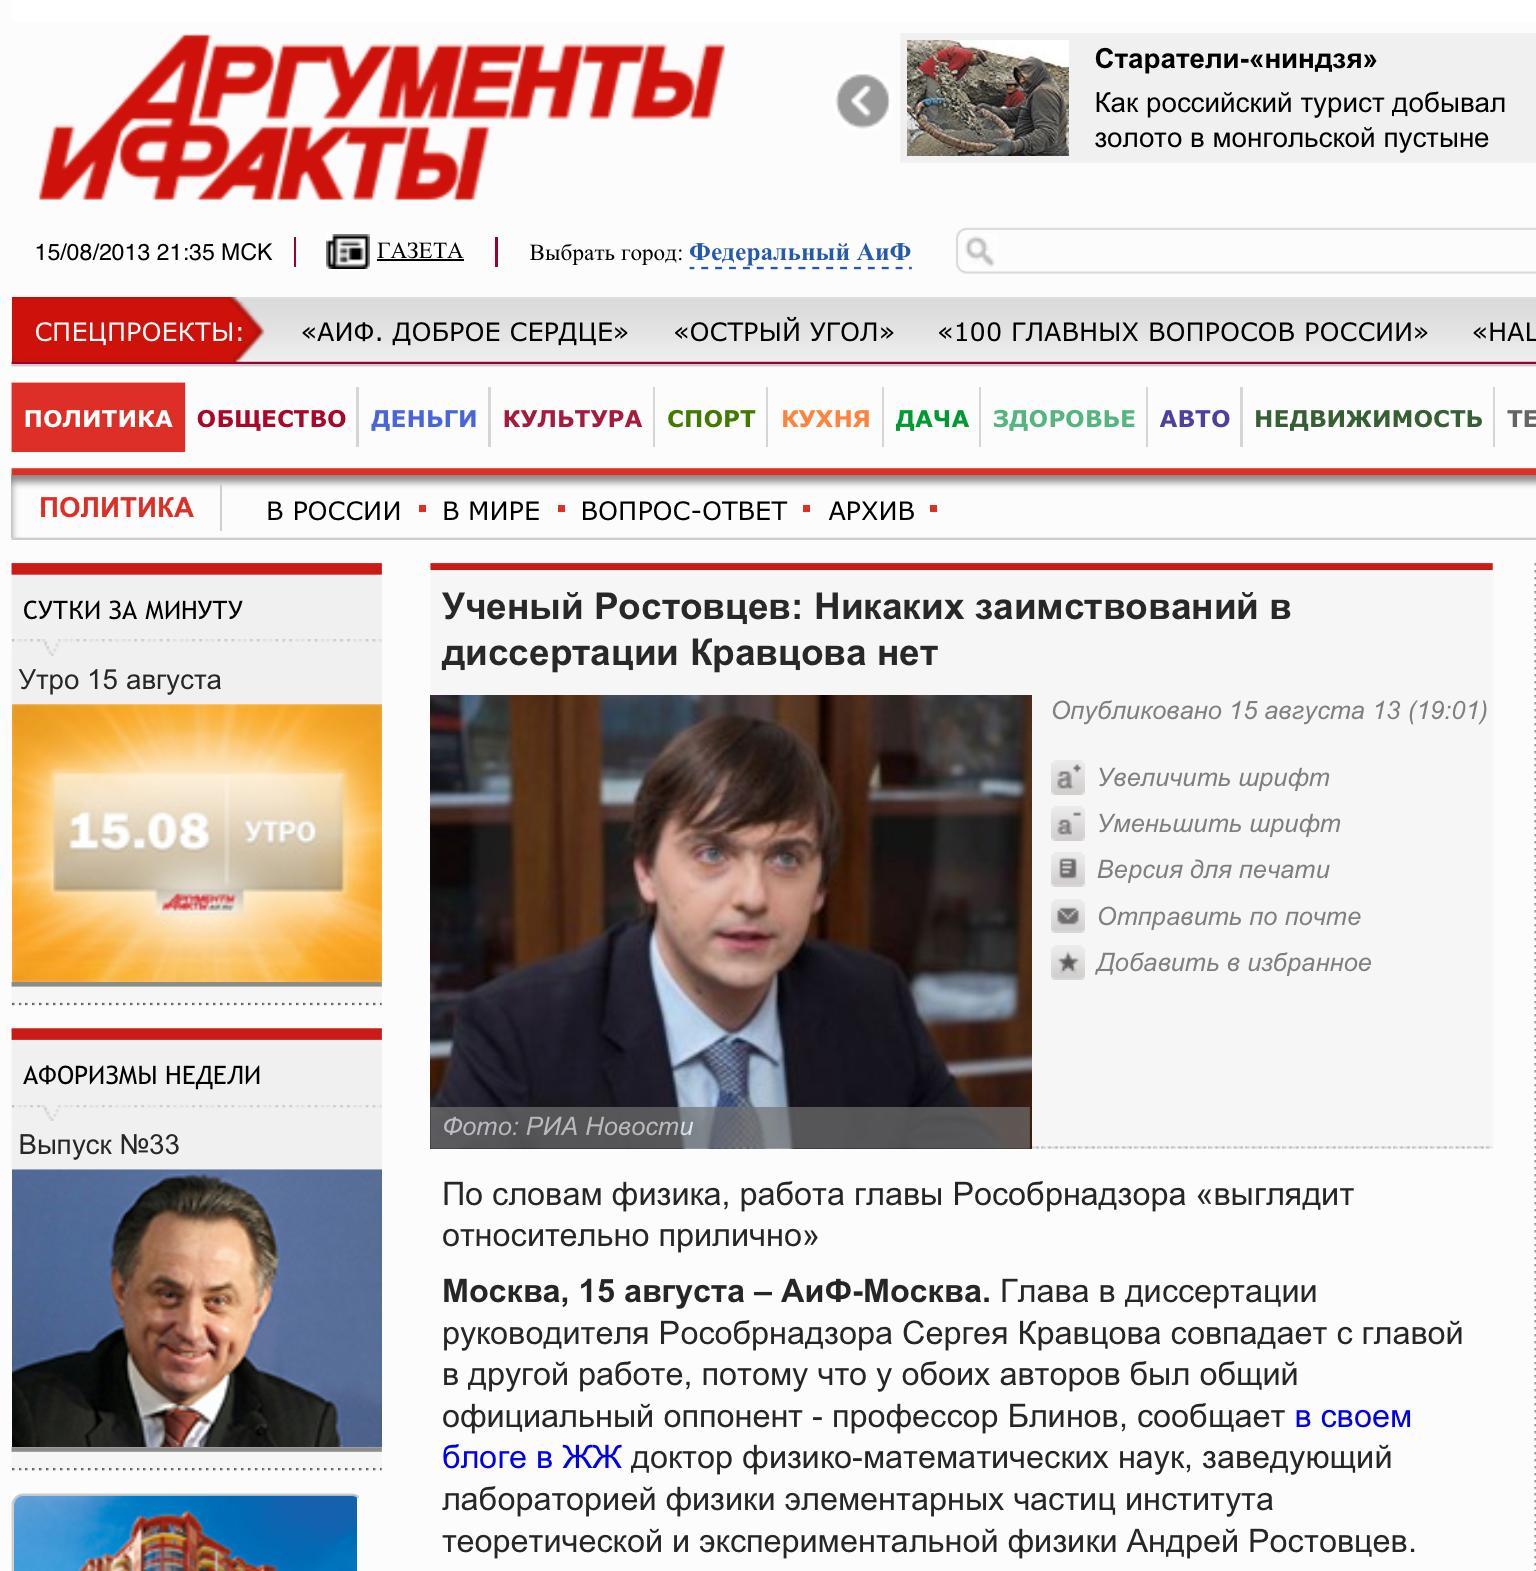 Ученый Ростовцев: Никаких заимствований в диссертации Кравцова есть